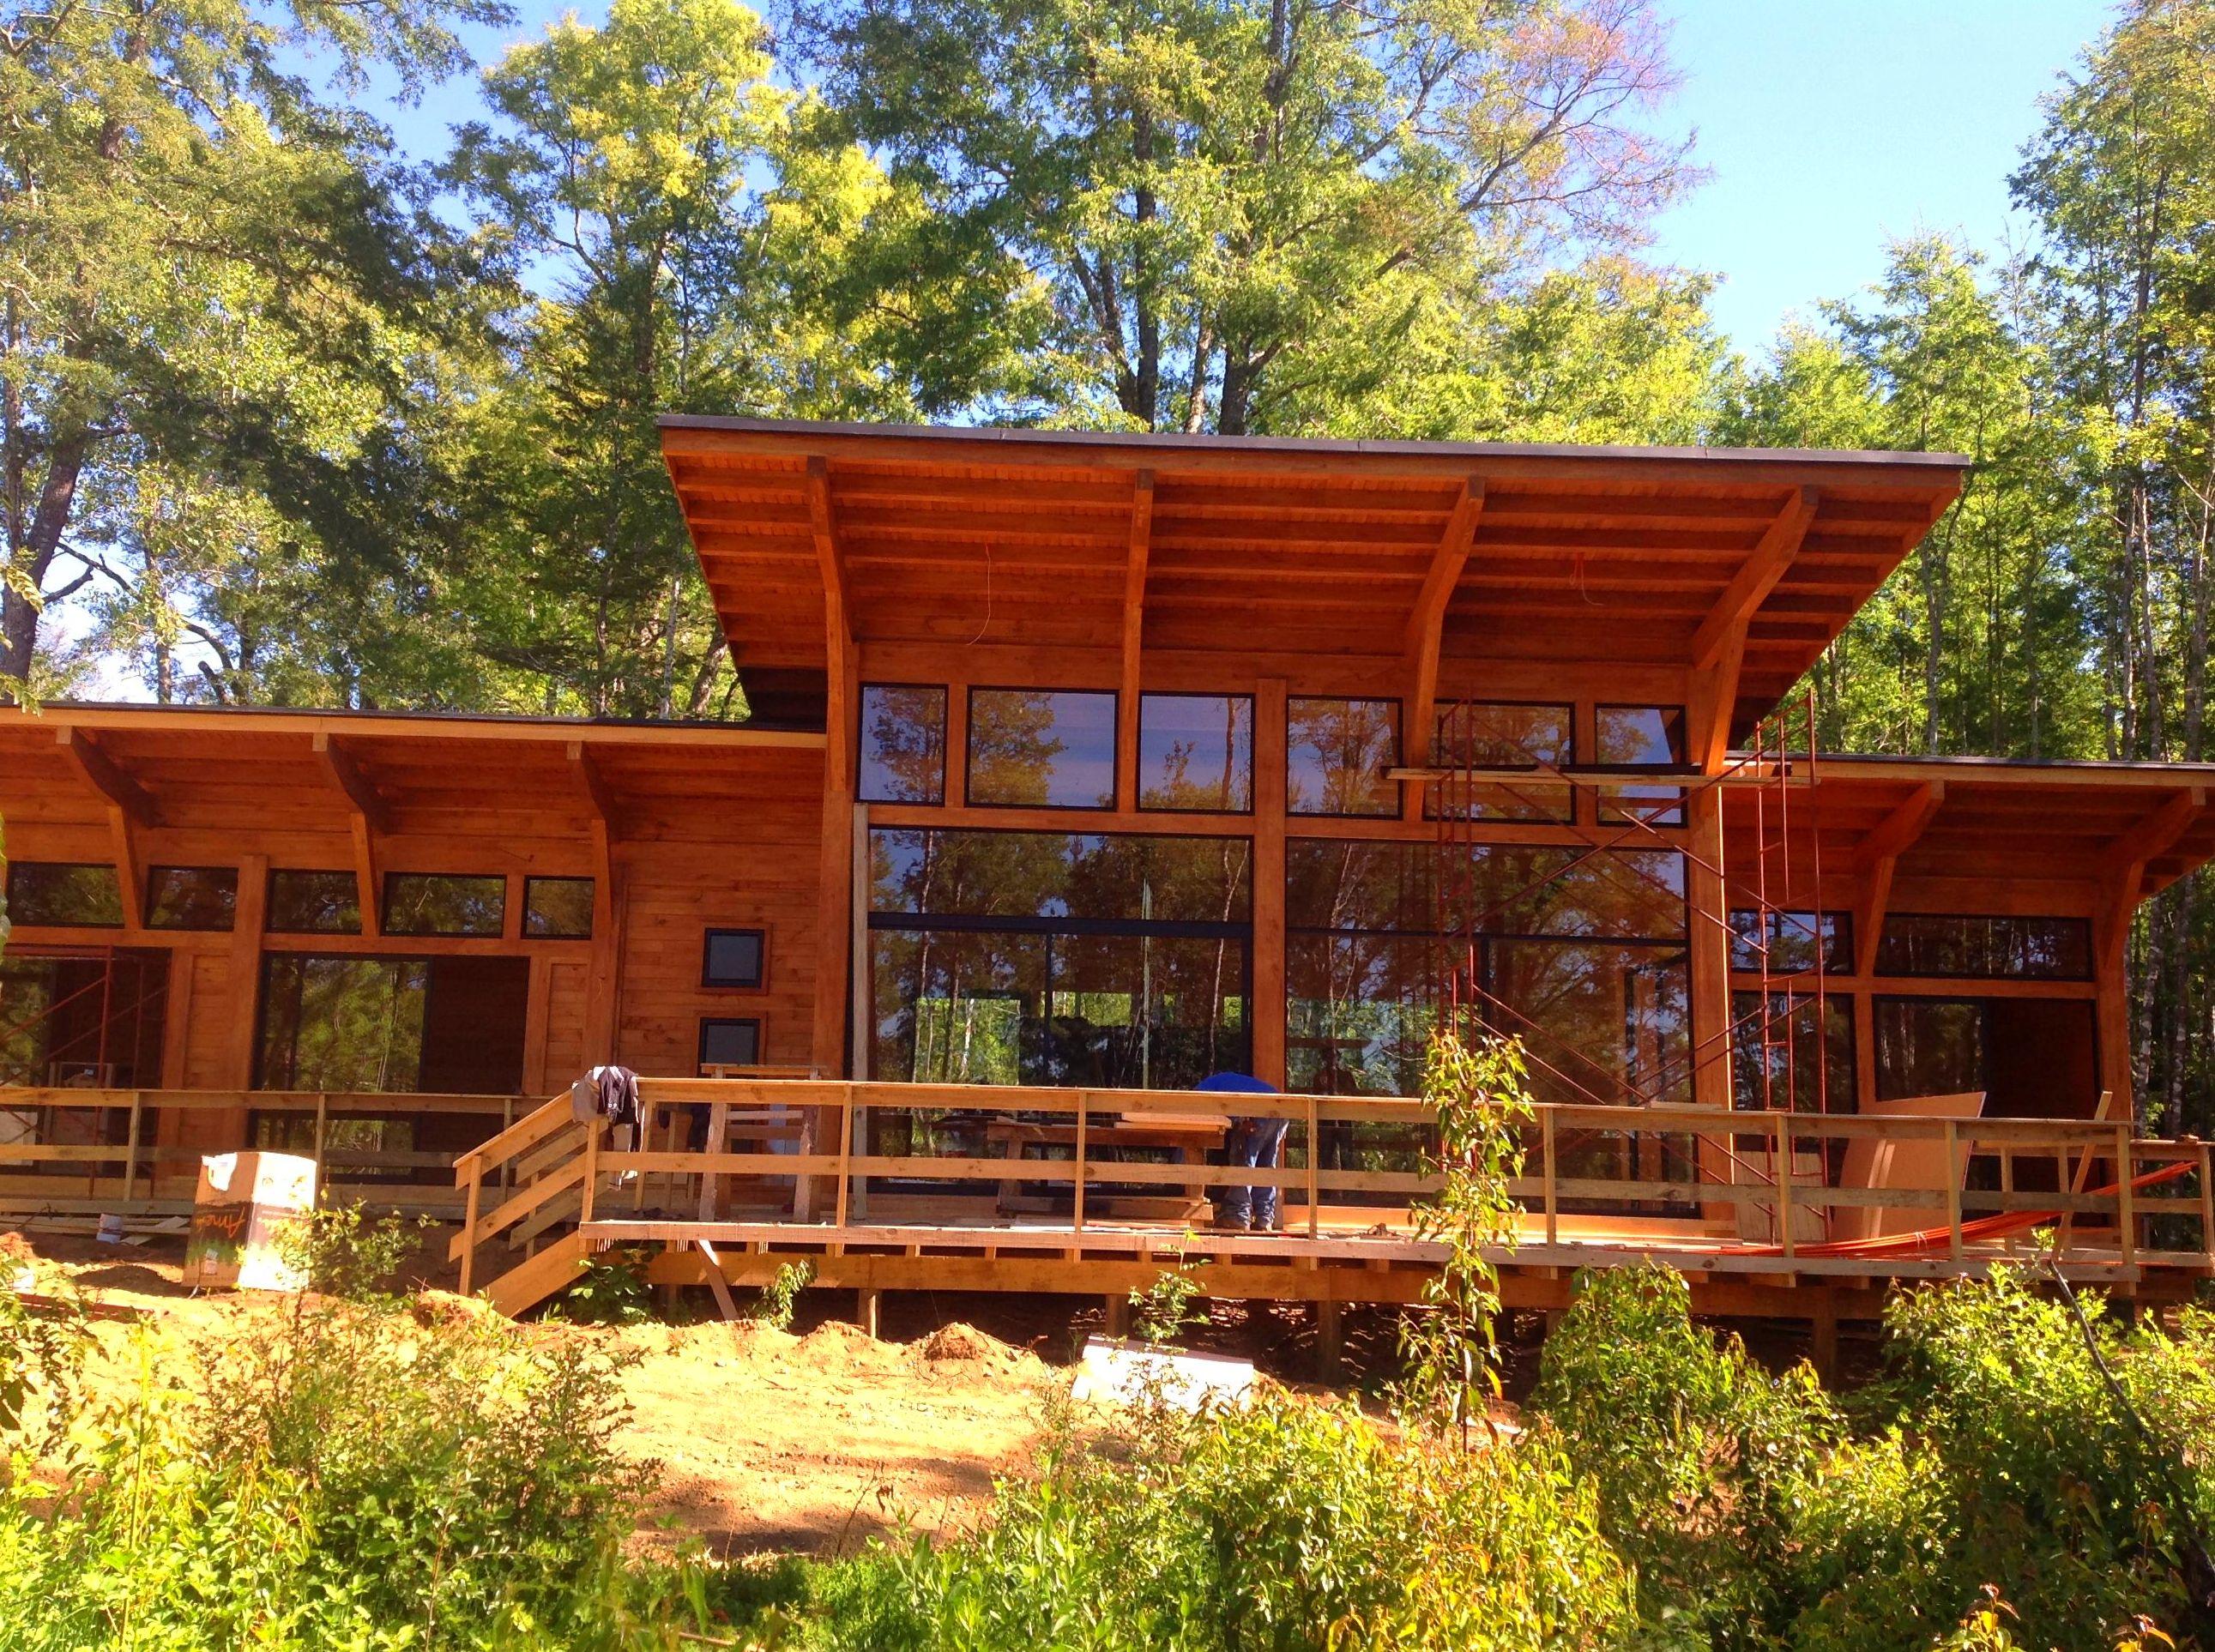 Foto 4 de casas de madera en tacoronte cortelima - Casas de madera tenerife precios ...